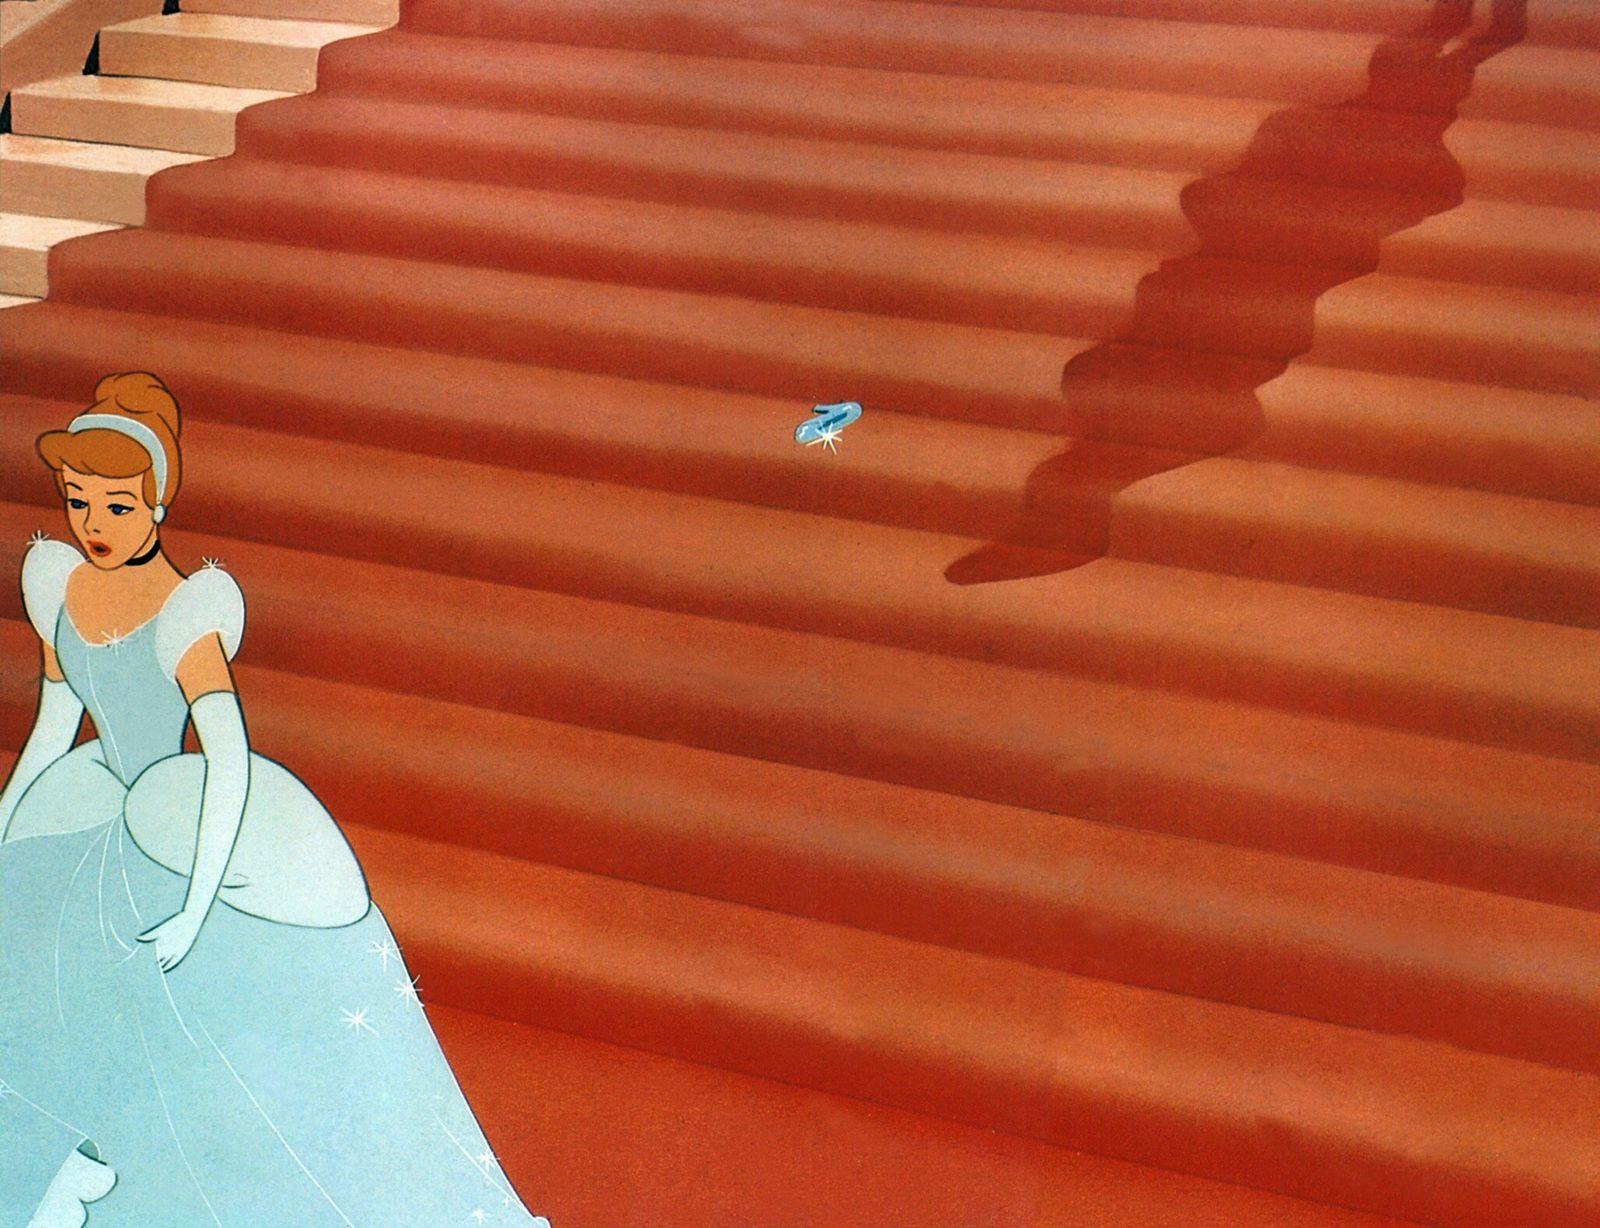 Spaß unter Physikern: Von Meerjungfrauenbiologie & Zombiemigration